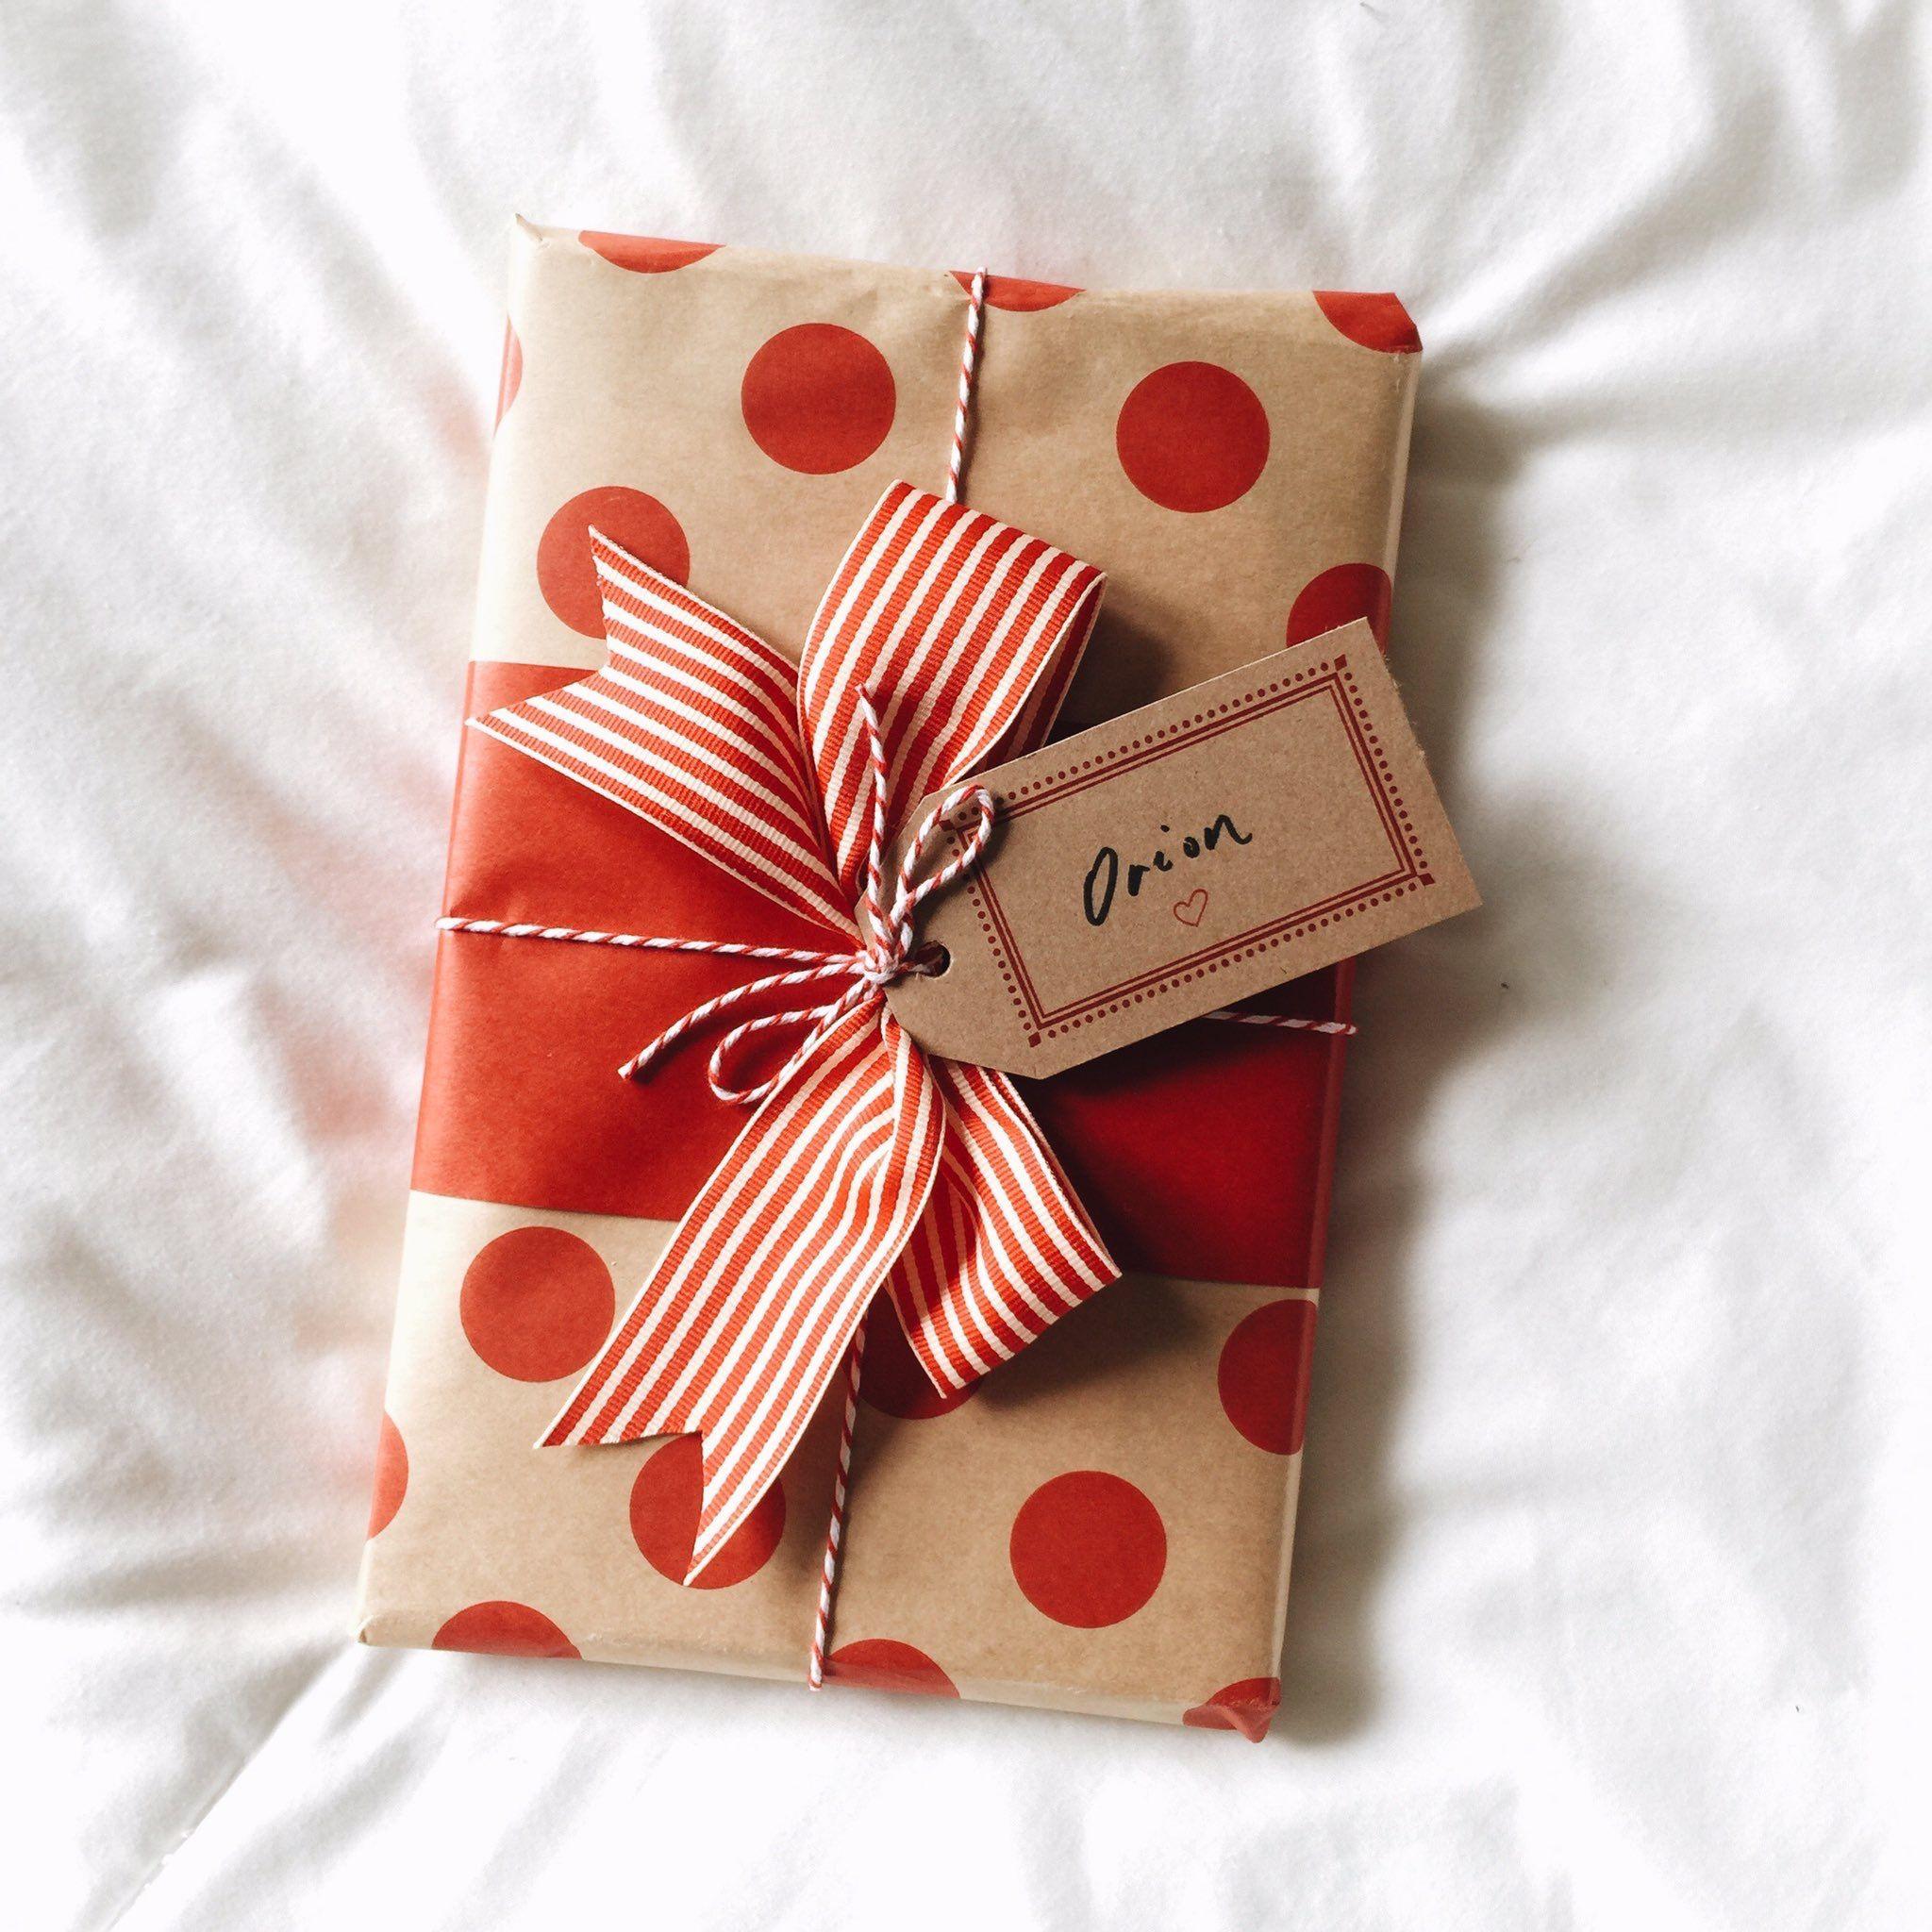 Pin von Helga Kinateder auf Produkte | Pinterest | Geschenke ...